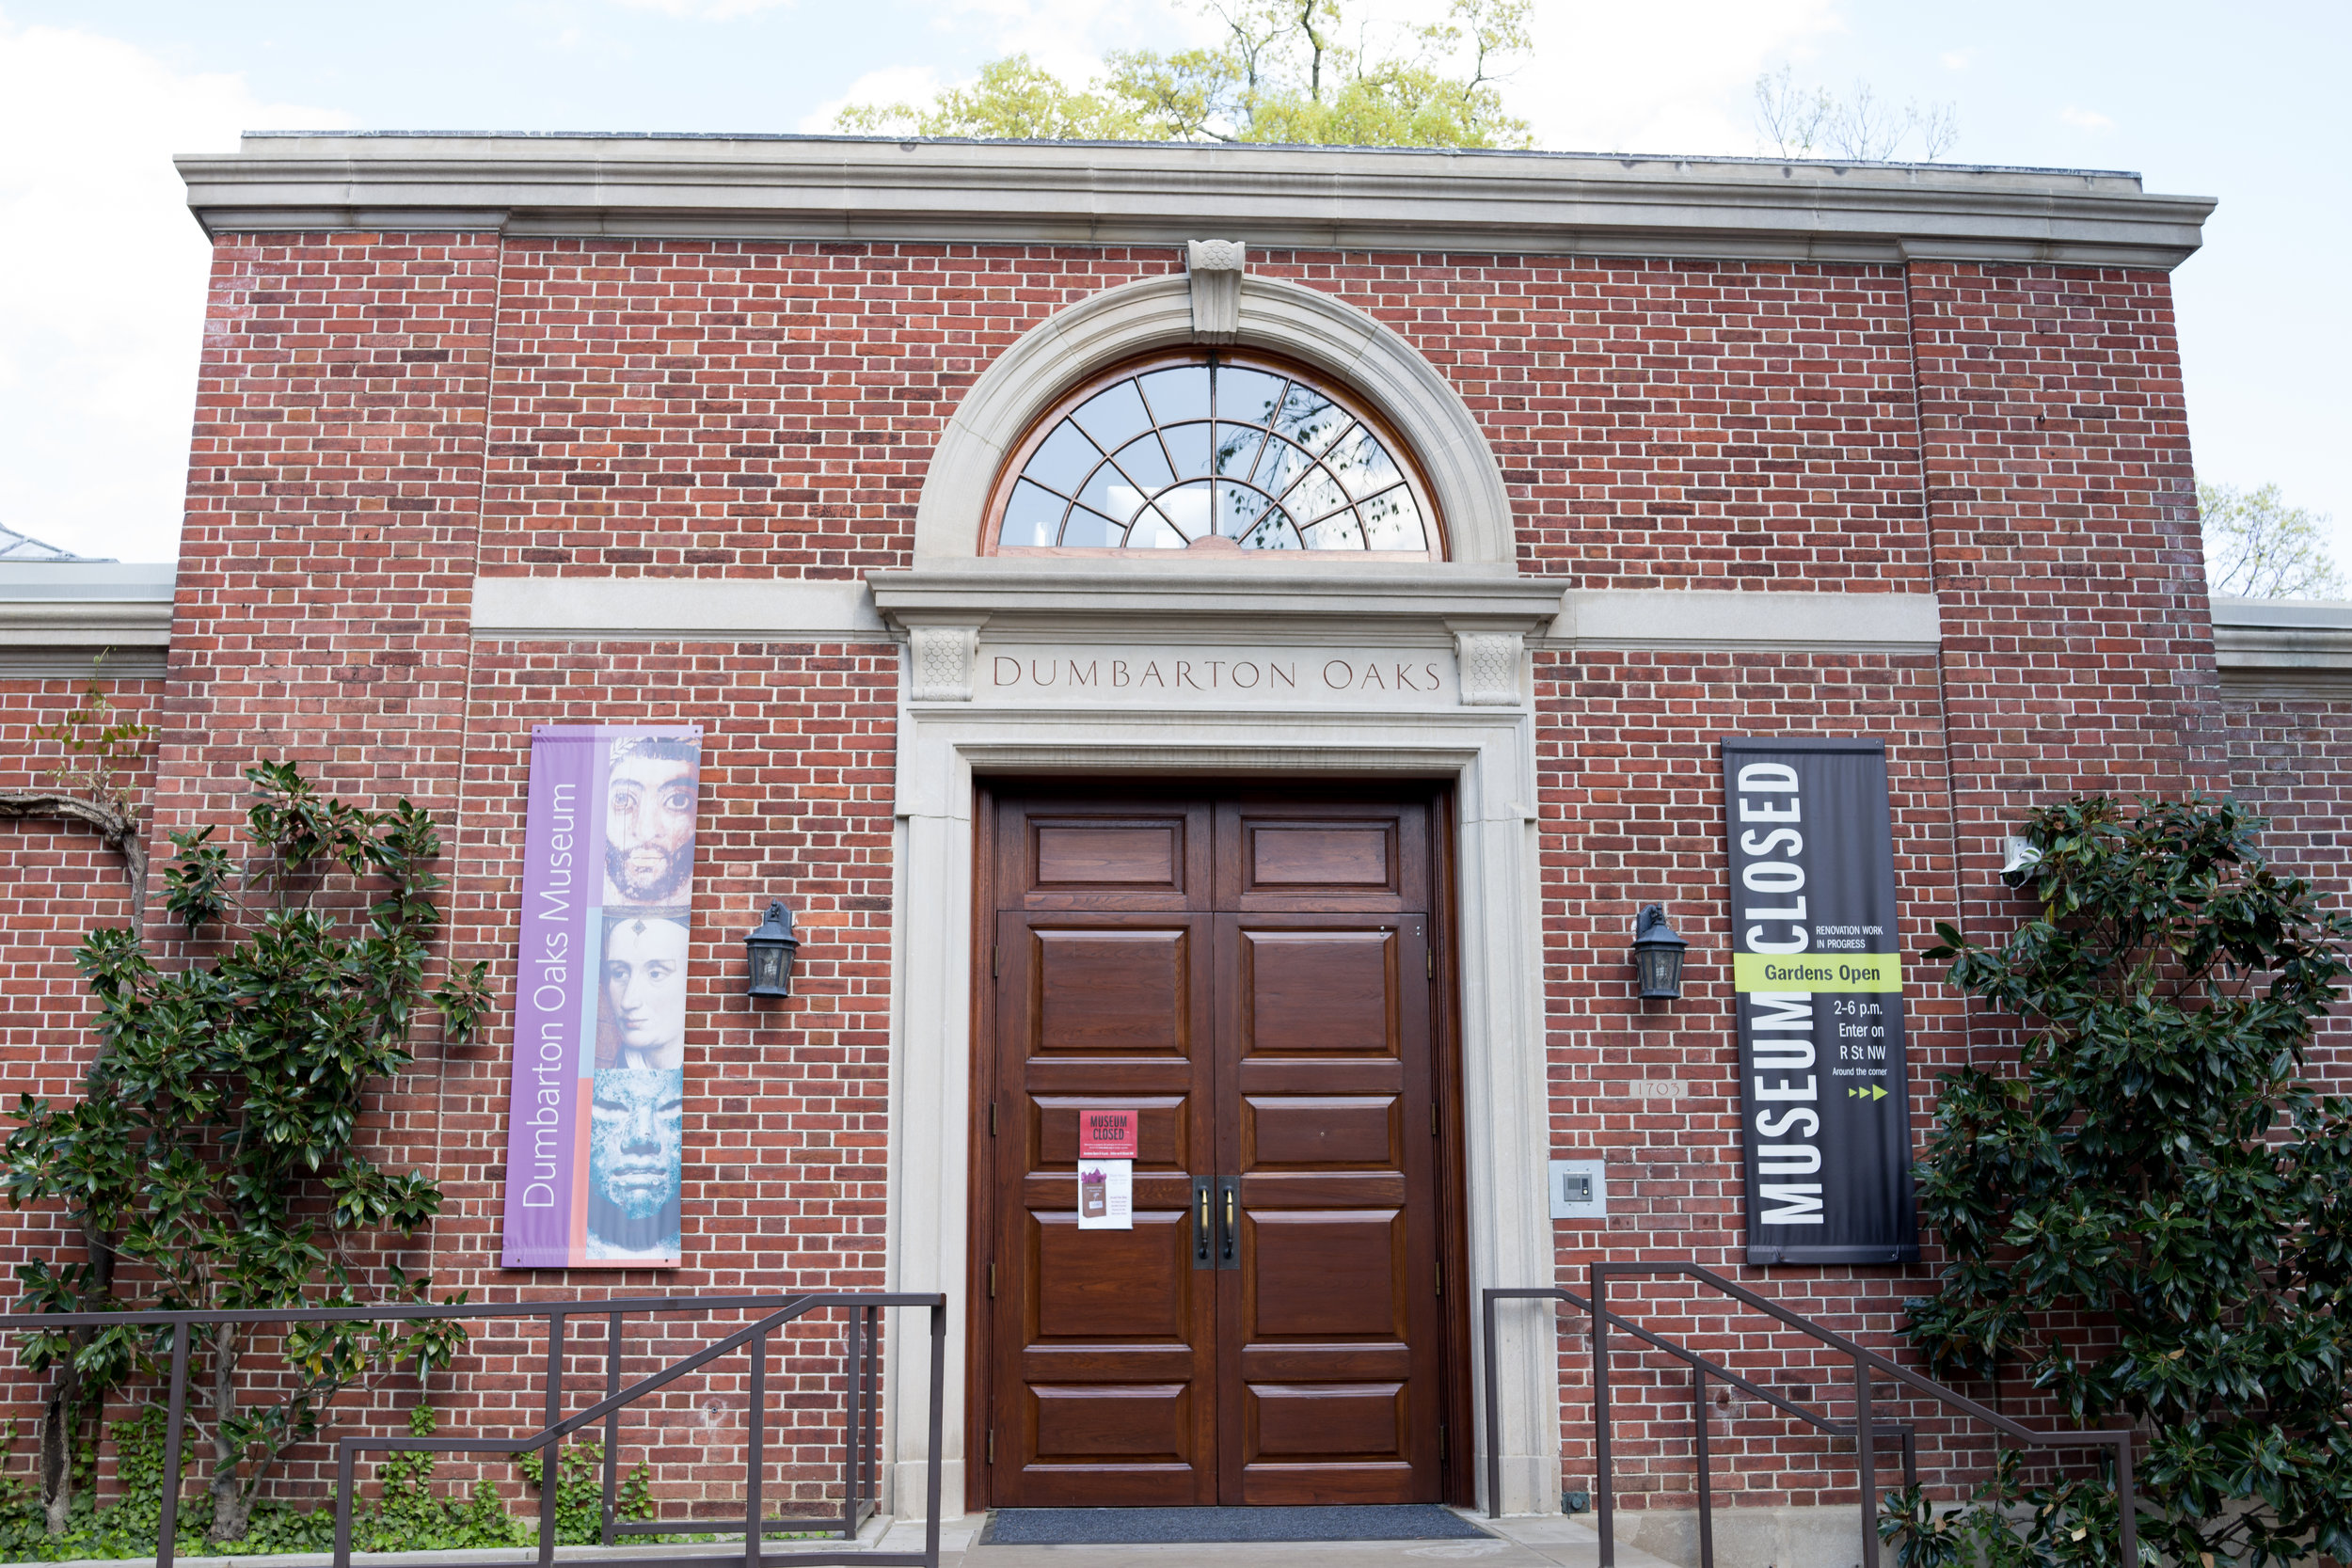 Front door of Dumbarton Oaks Museum